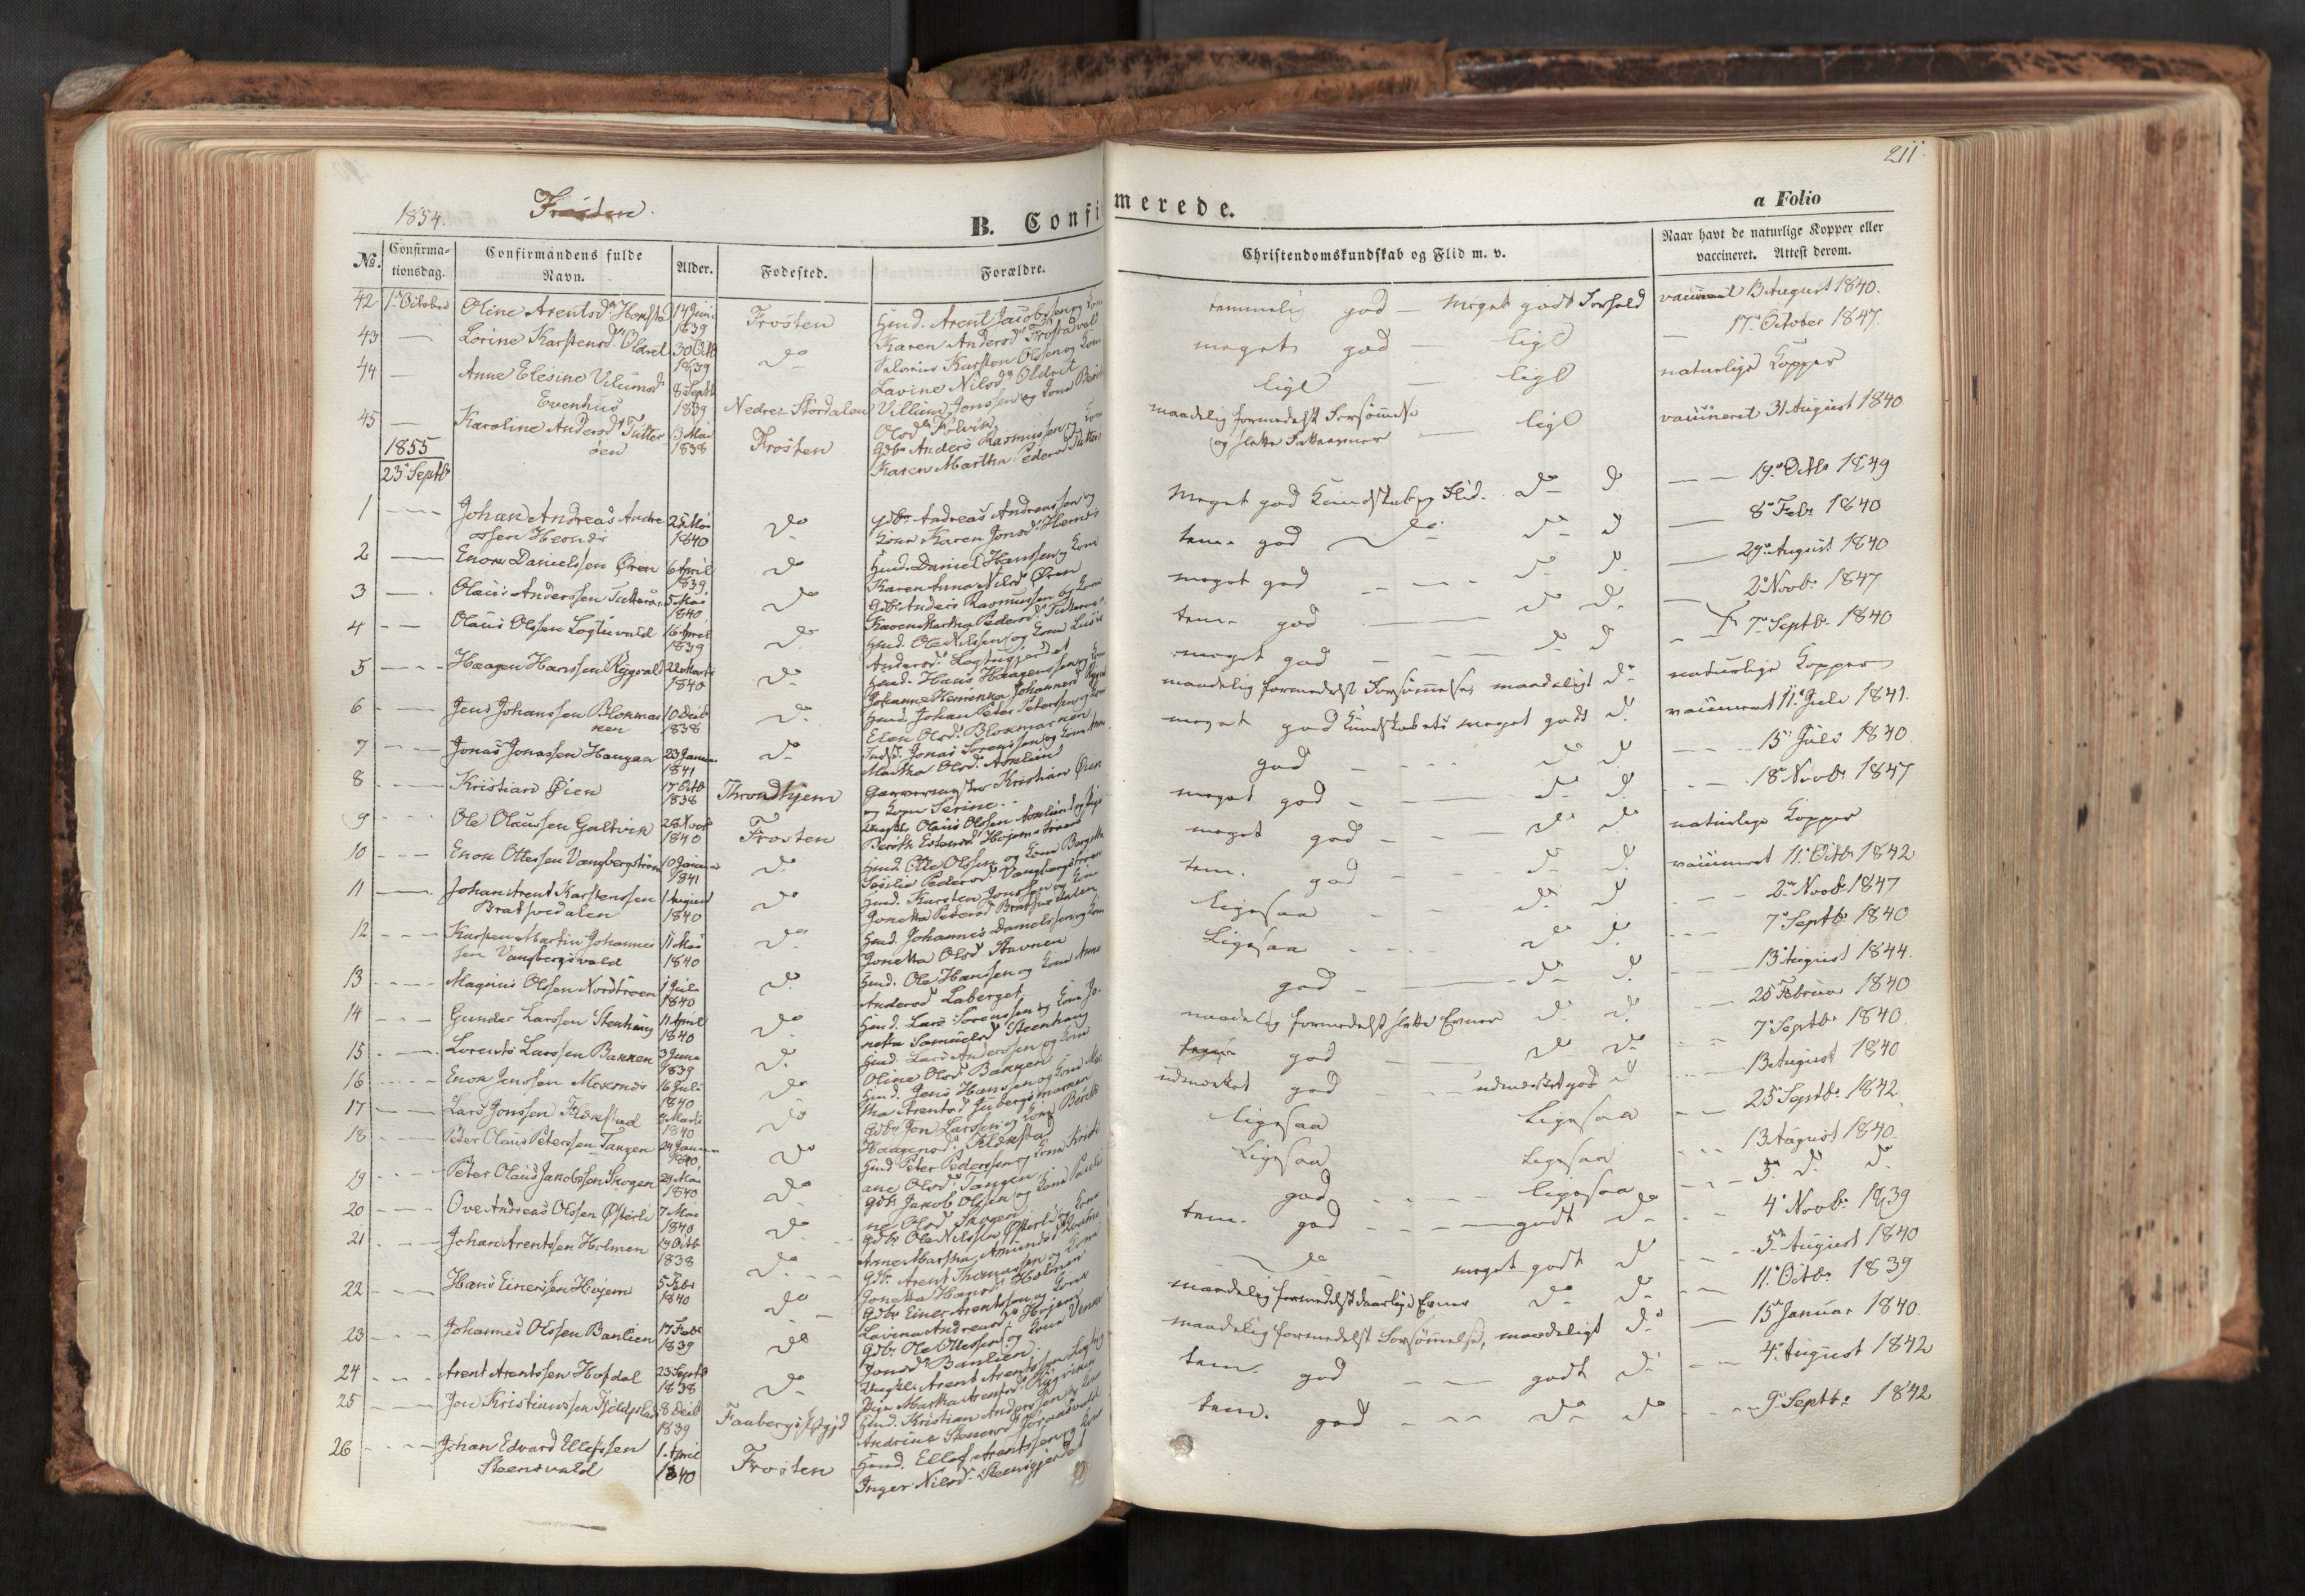 SAT, Ministerialprotokoller, klokkerbøker og fødselsregistre - Nord-Trøndelag, 713/L0116: Ministerialbok nr. 713A07, 1850-1877, s. 211